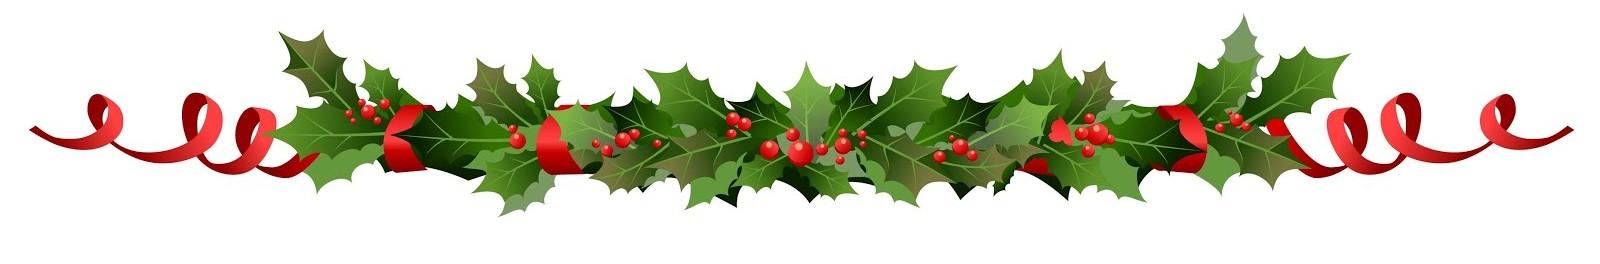 best navidad with guirnalda navidad - Guirnalda De Navidad